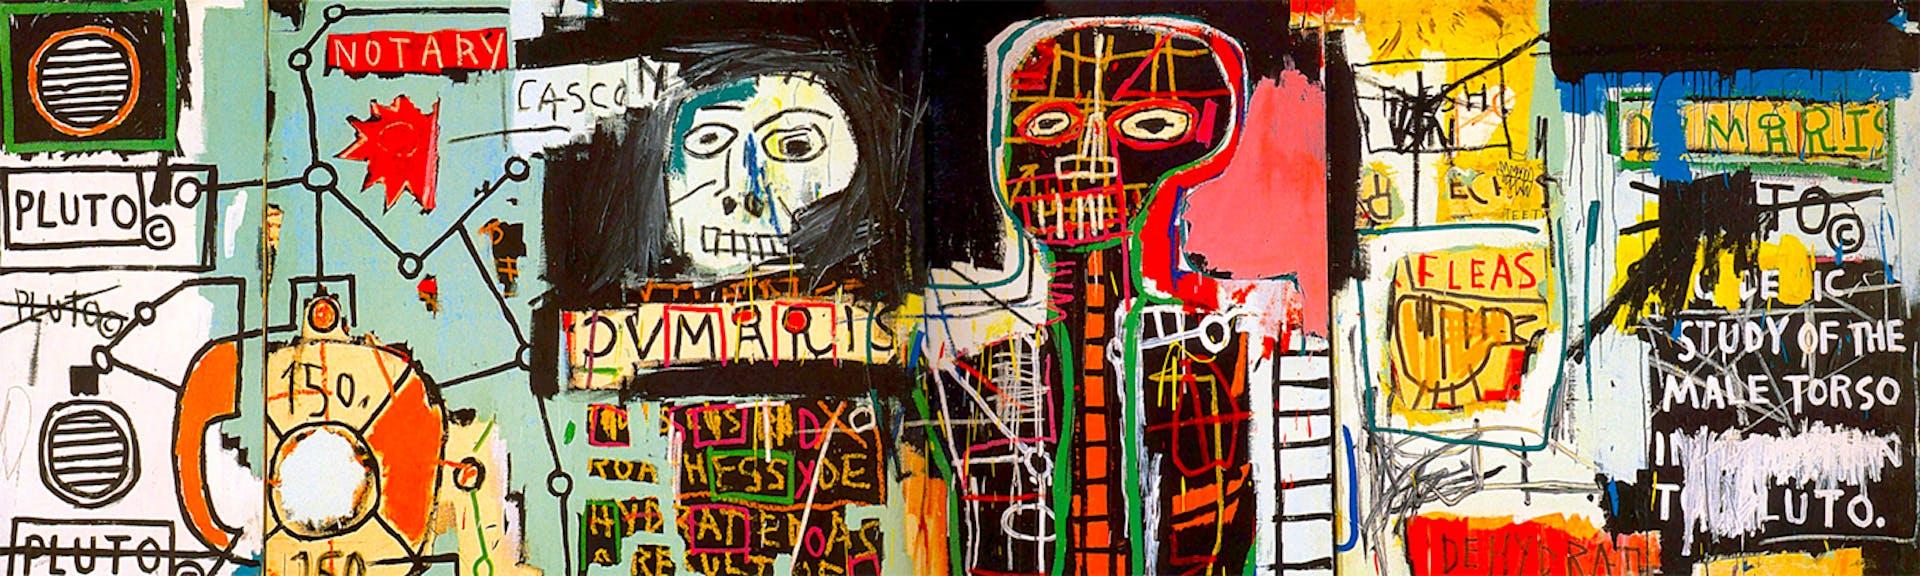 Neoexpresionismo: el movimiento artístico más agresivo e irreverente de la historia